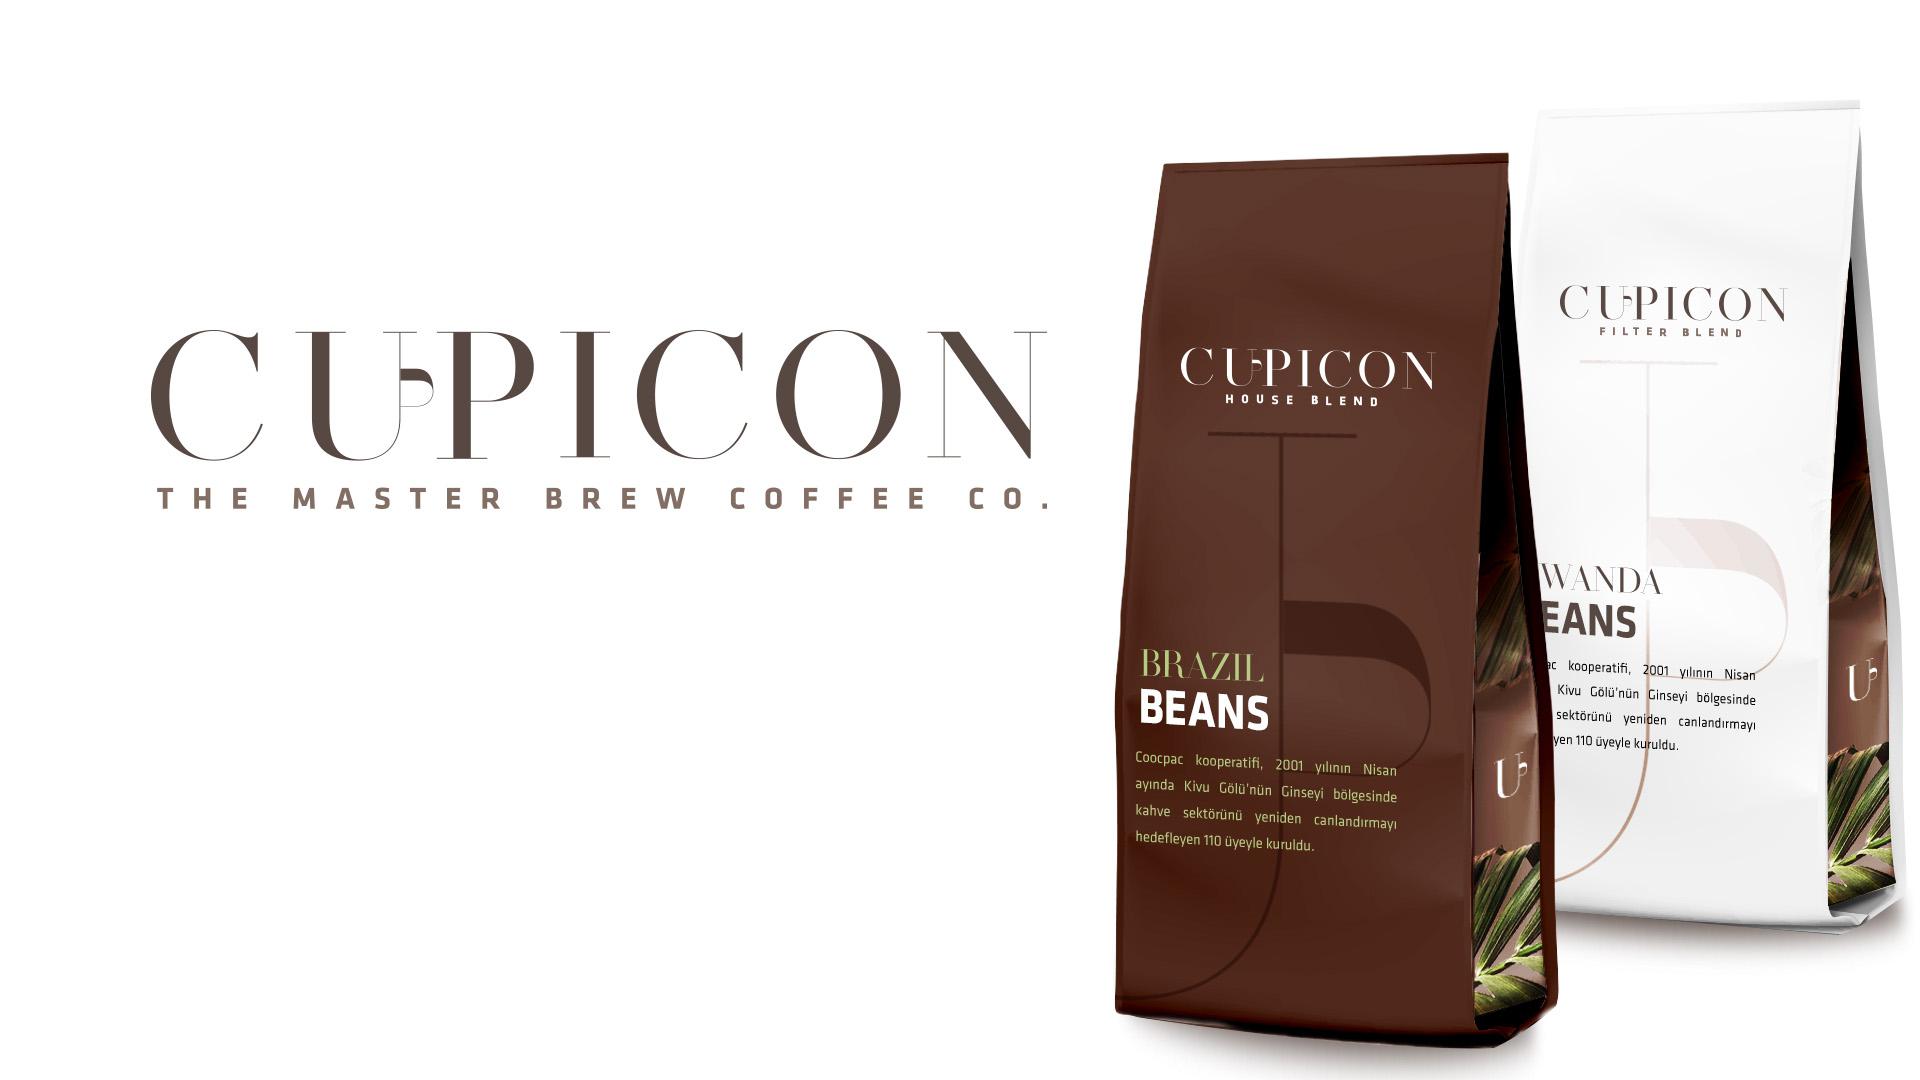 cupicon